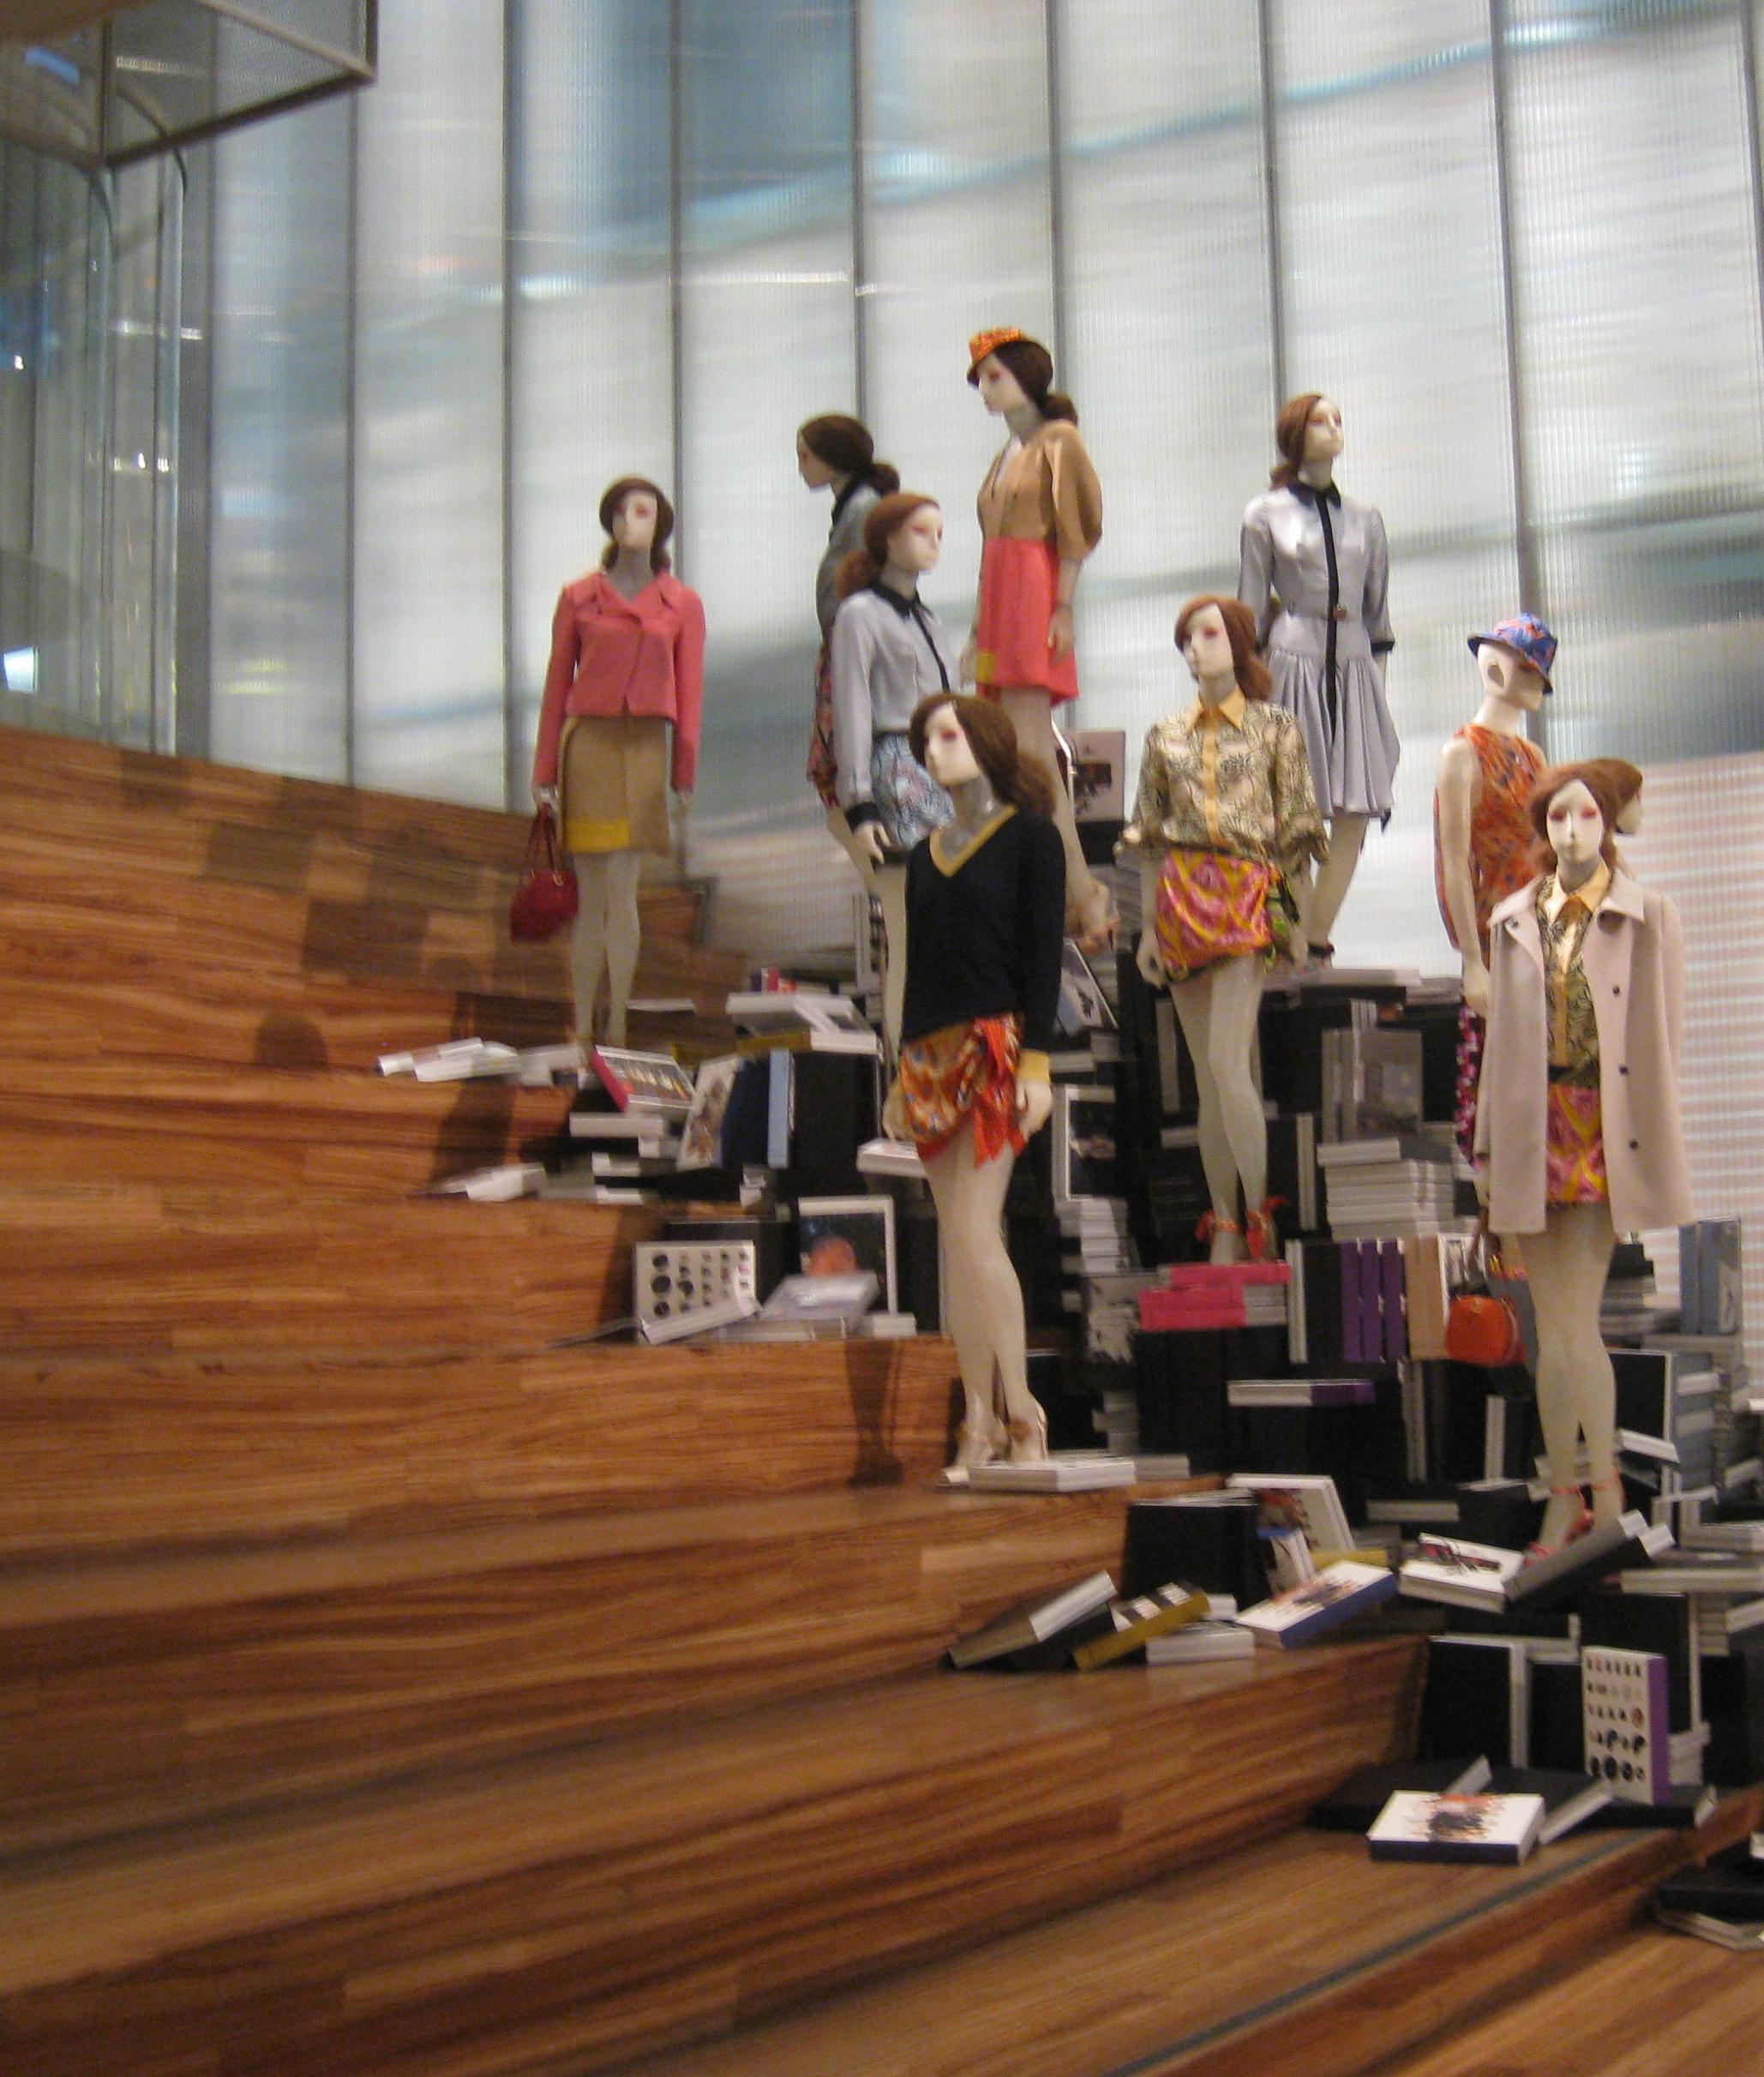 O exposição de produtos da Prada surpreendem tanto quanto instalações de  arte. 0f40d1afd0